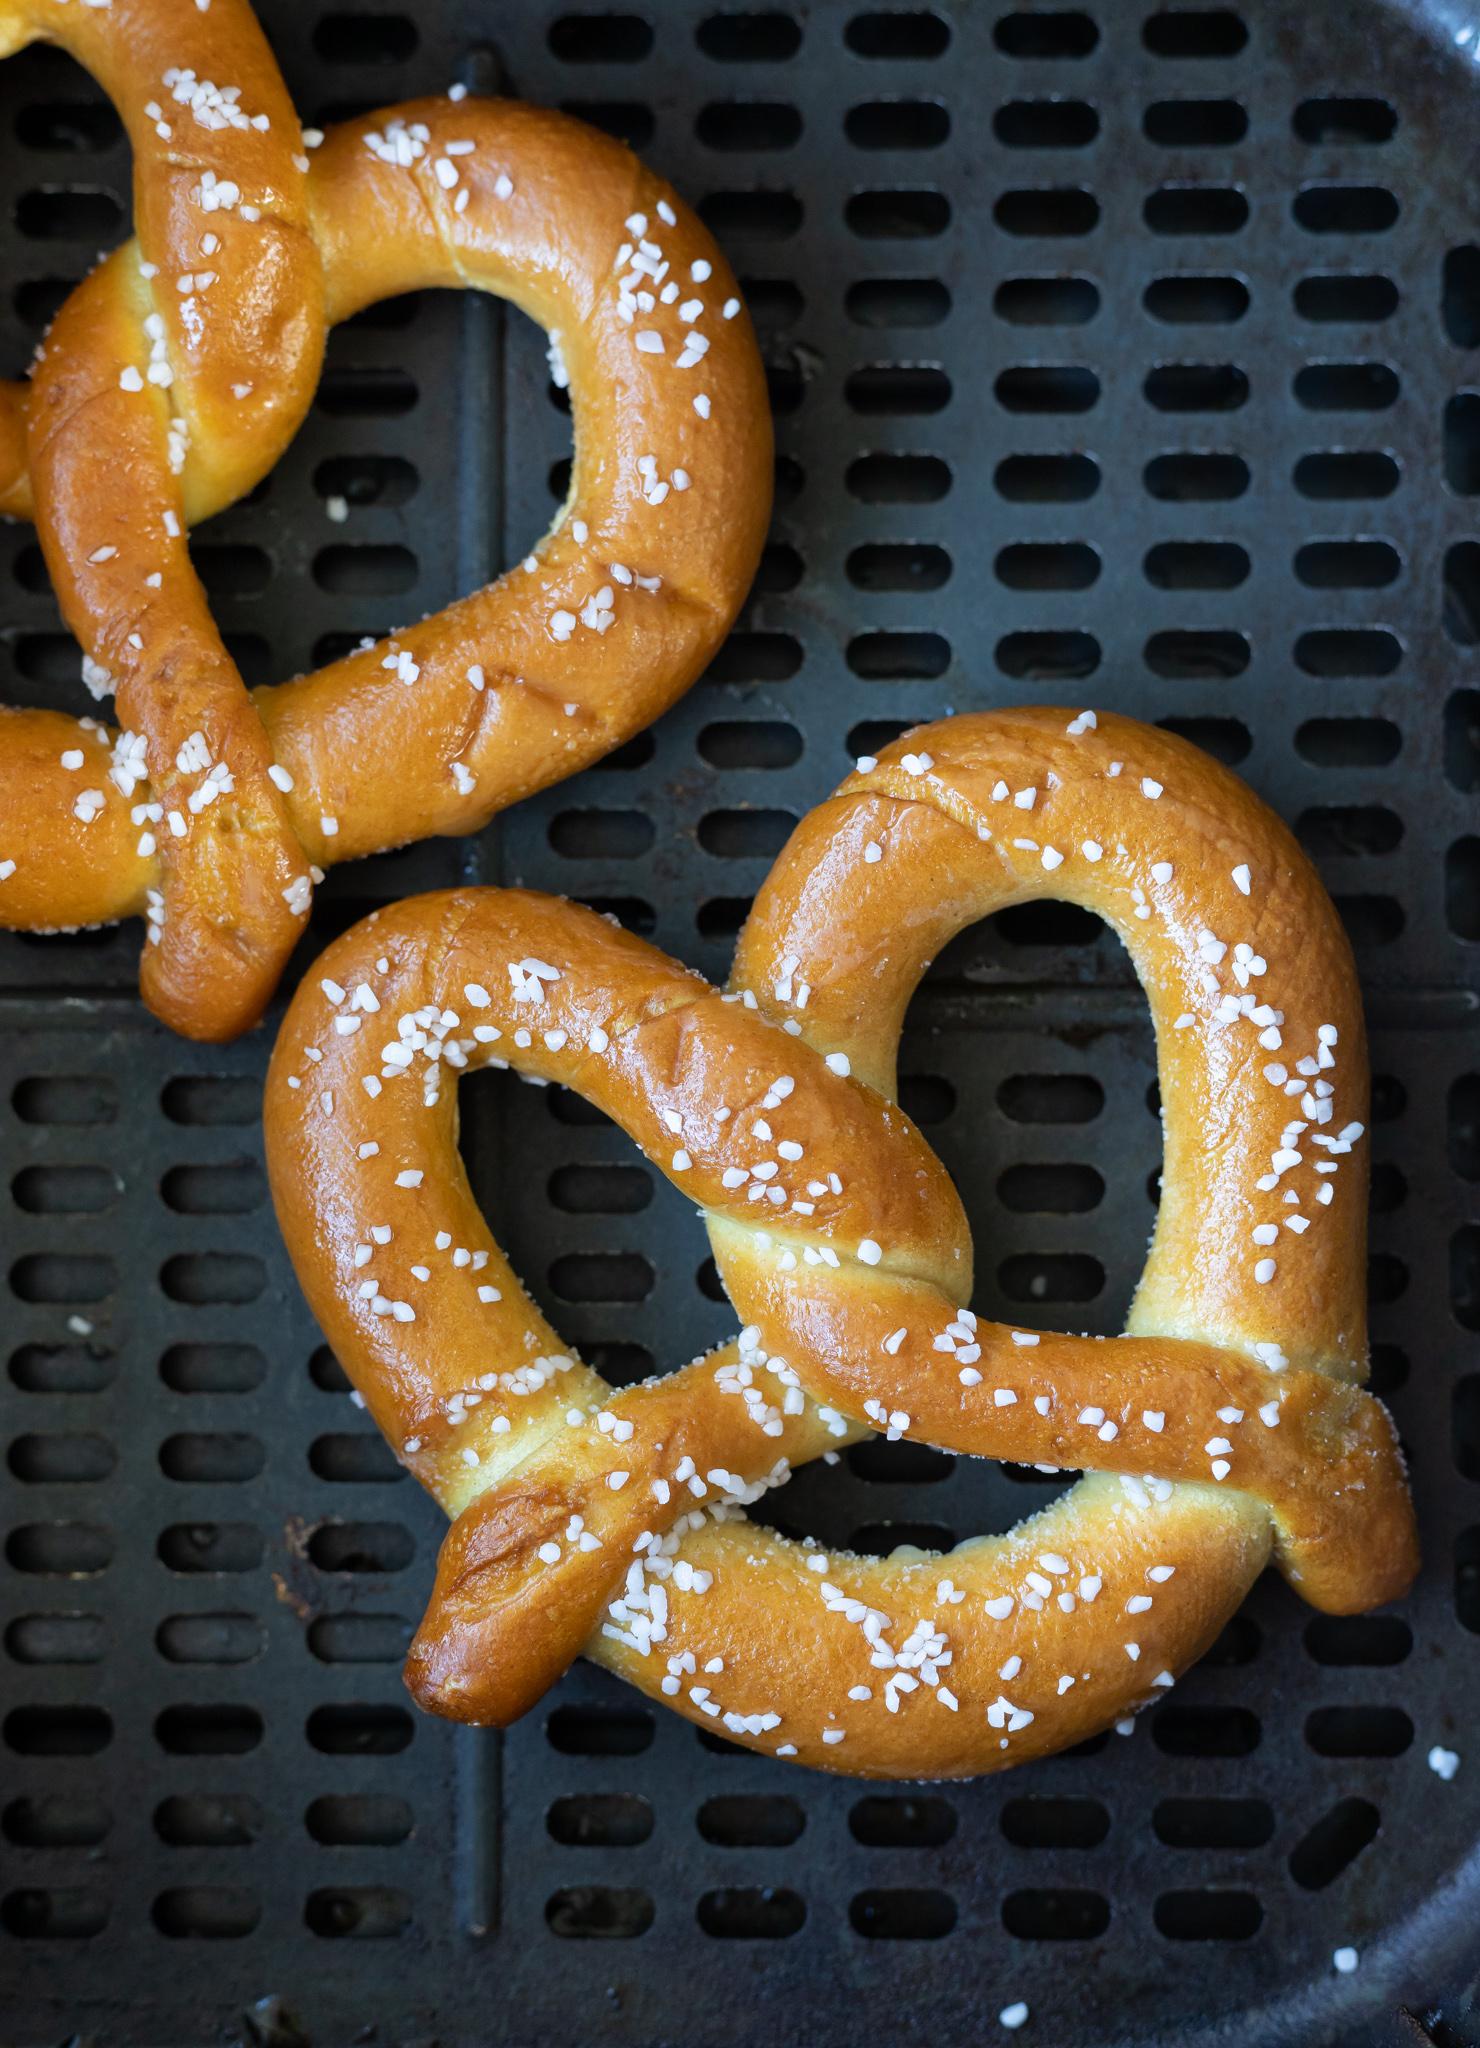 uncooked pretzels in air fryer basket